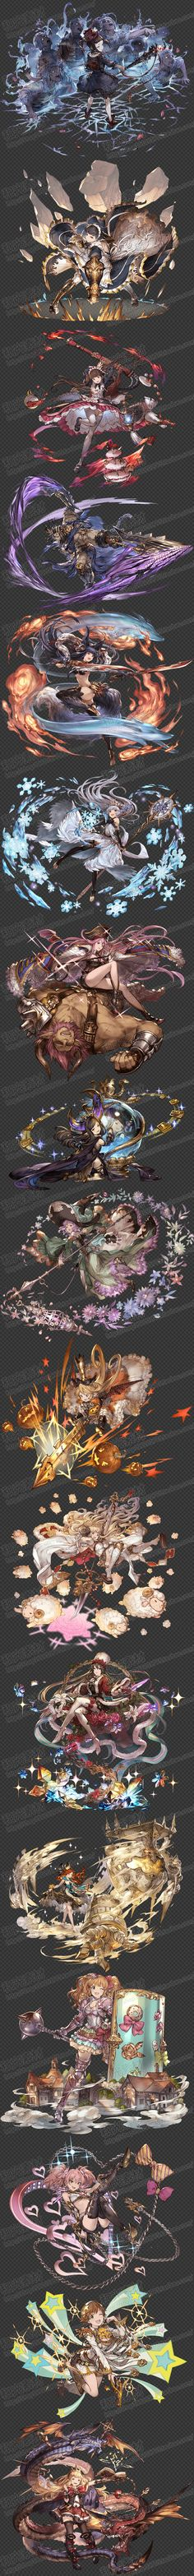 游戏原画素材/碧蓝幻想画集立绘/人物角色...@和光素材采集到人物原画(26图)_花瓣插画/漫画